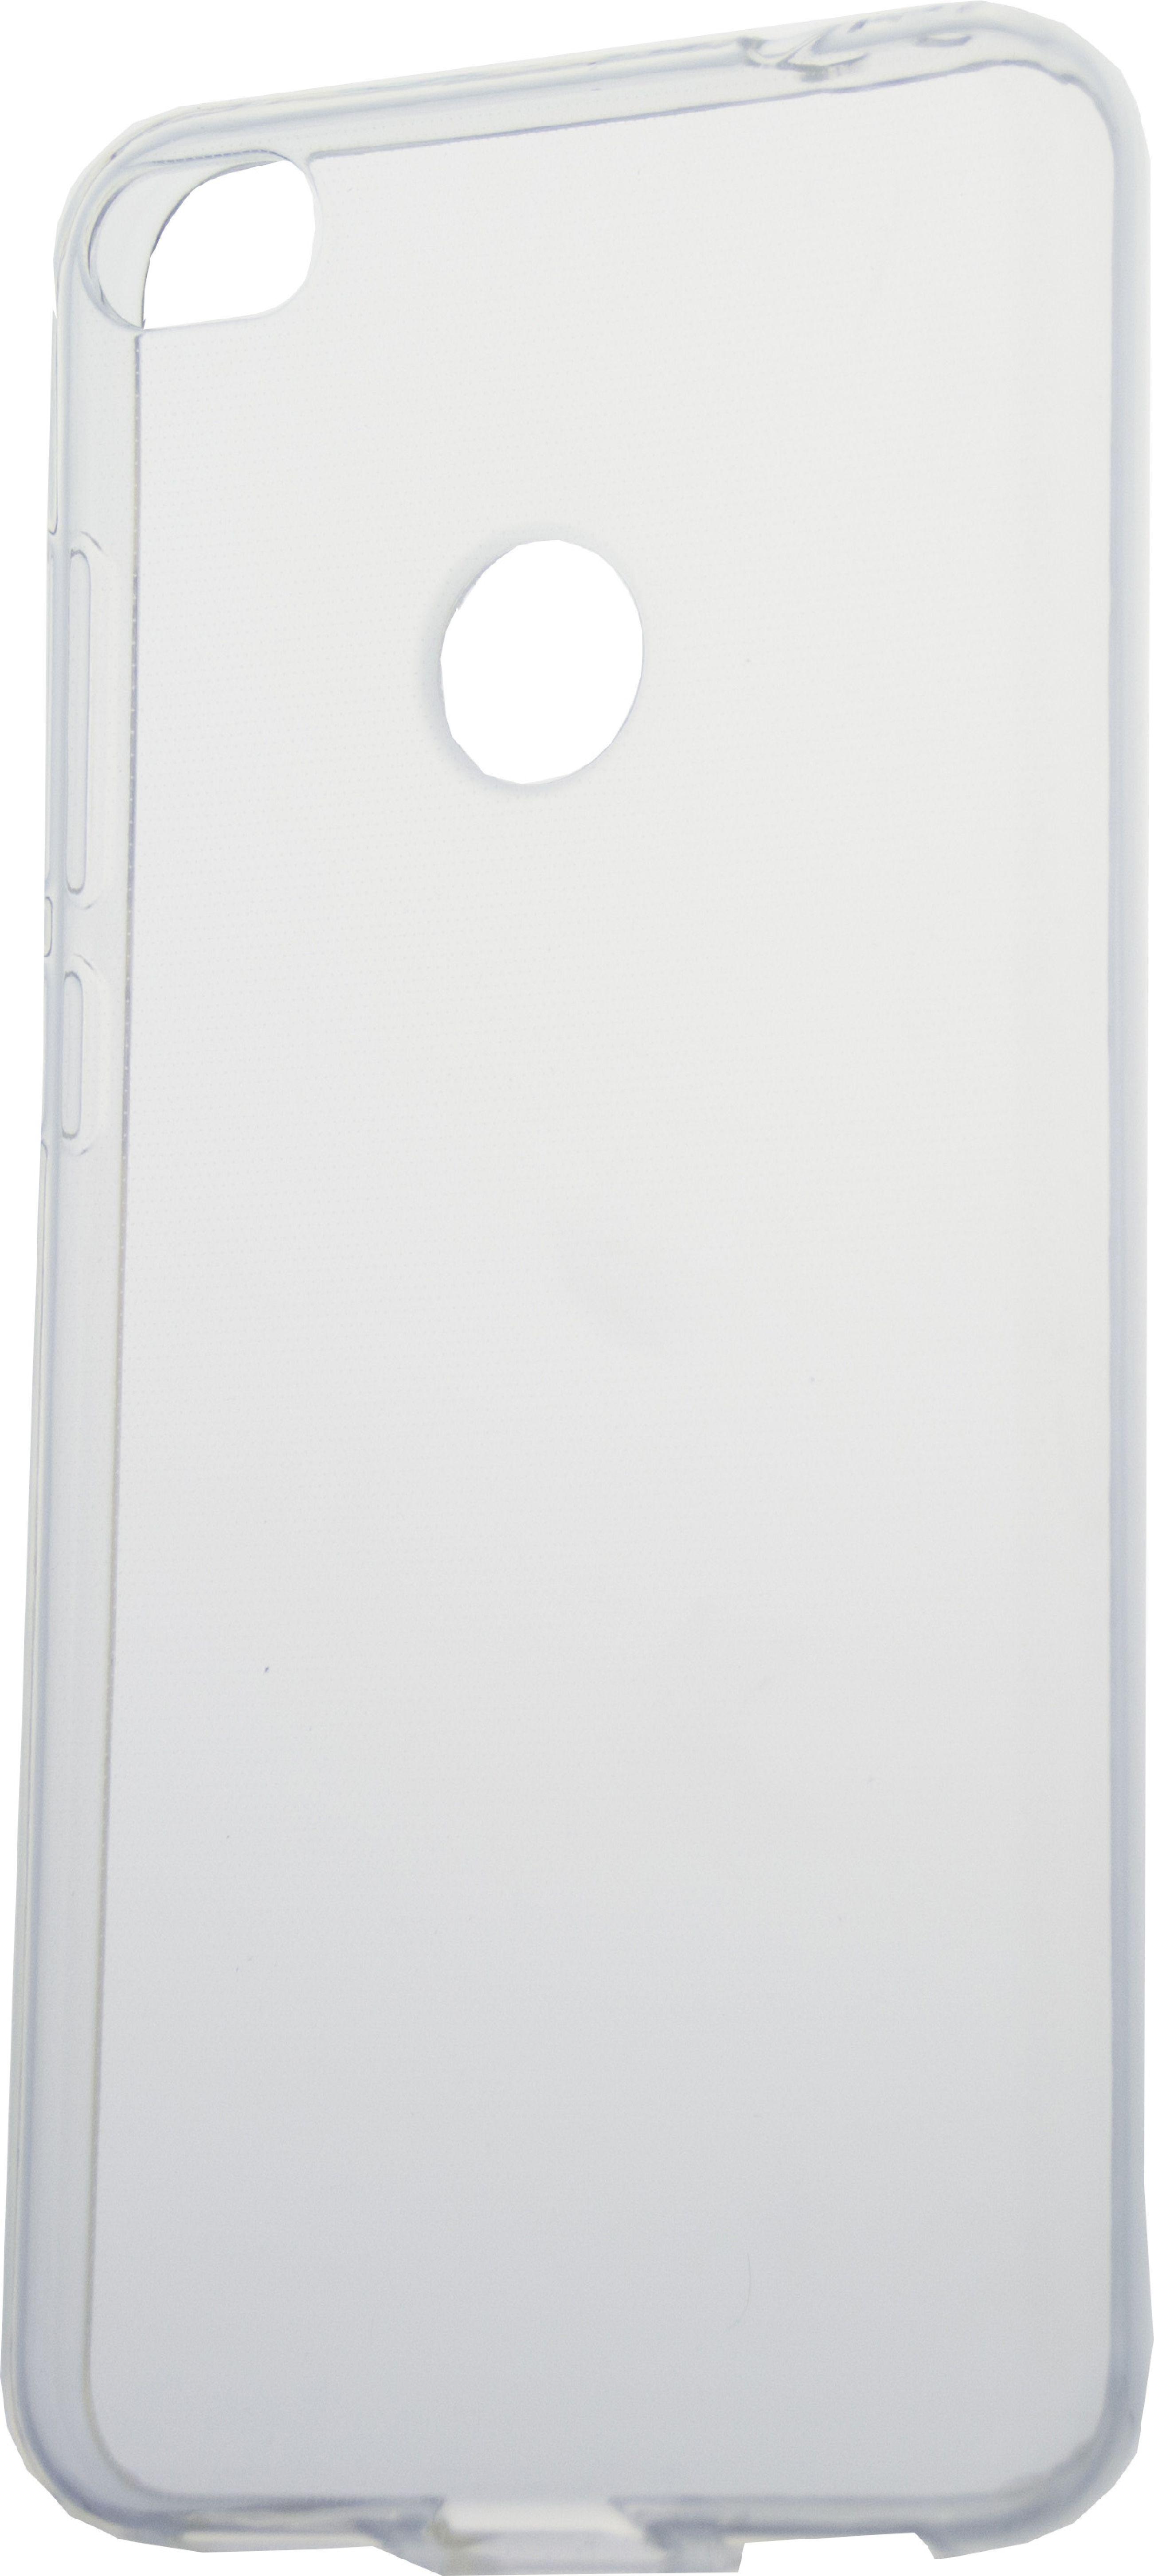 Image of   Telefon Gel-Etui Huawei P8 Lite Gennemsigtig